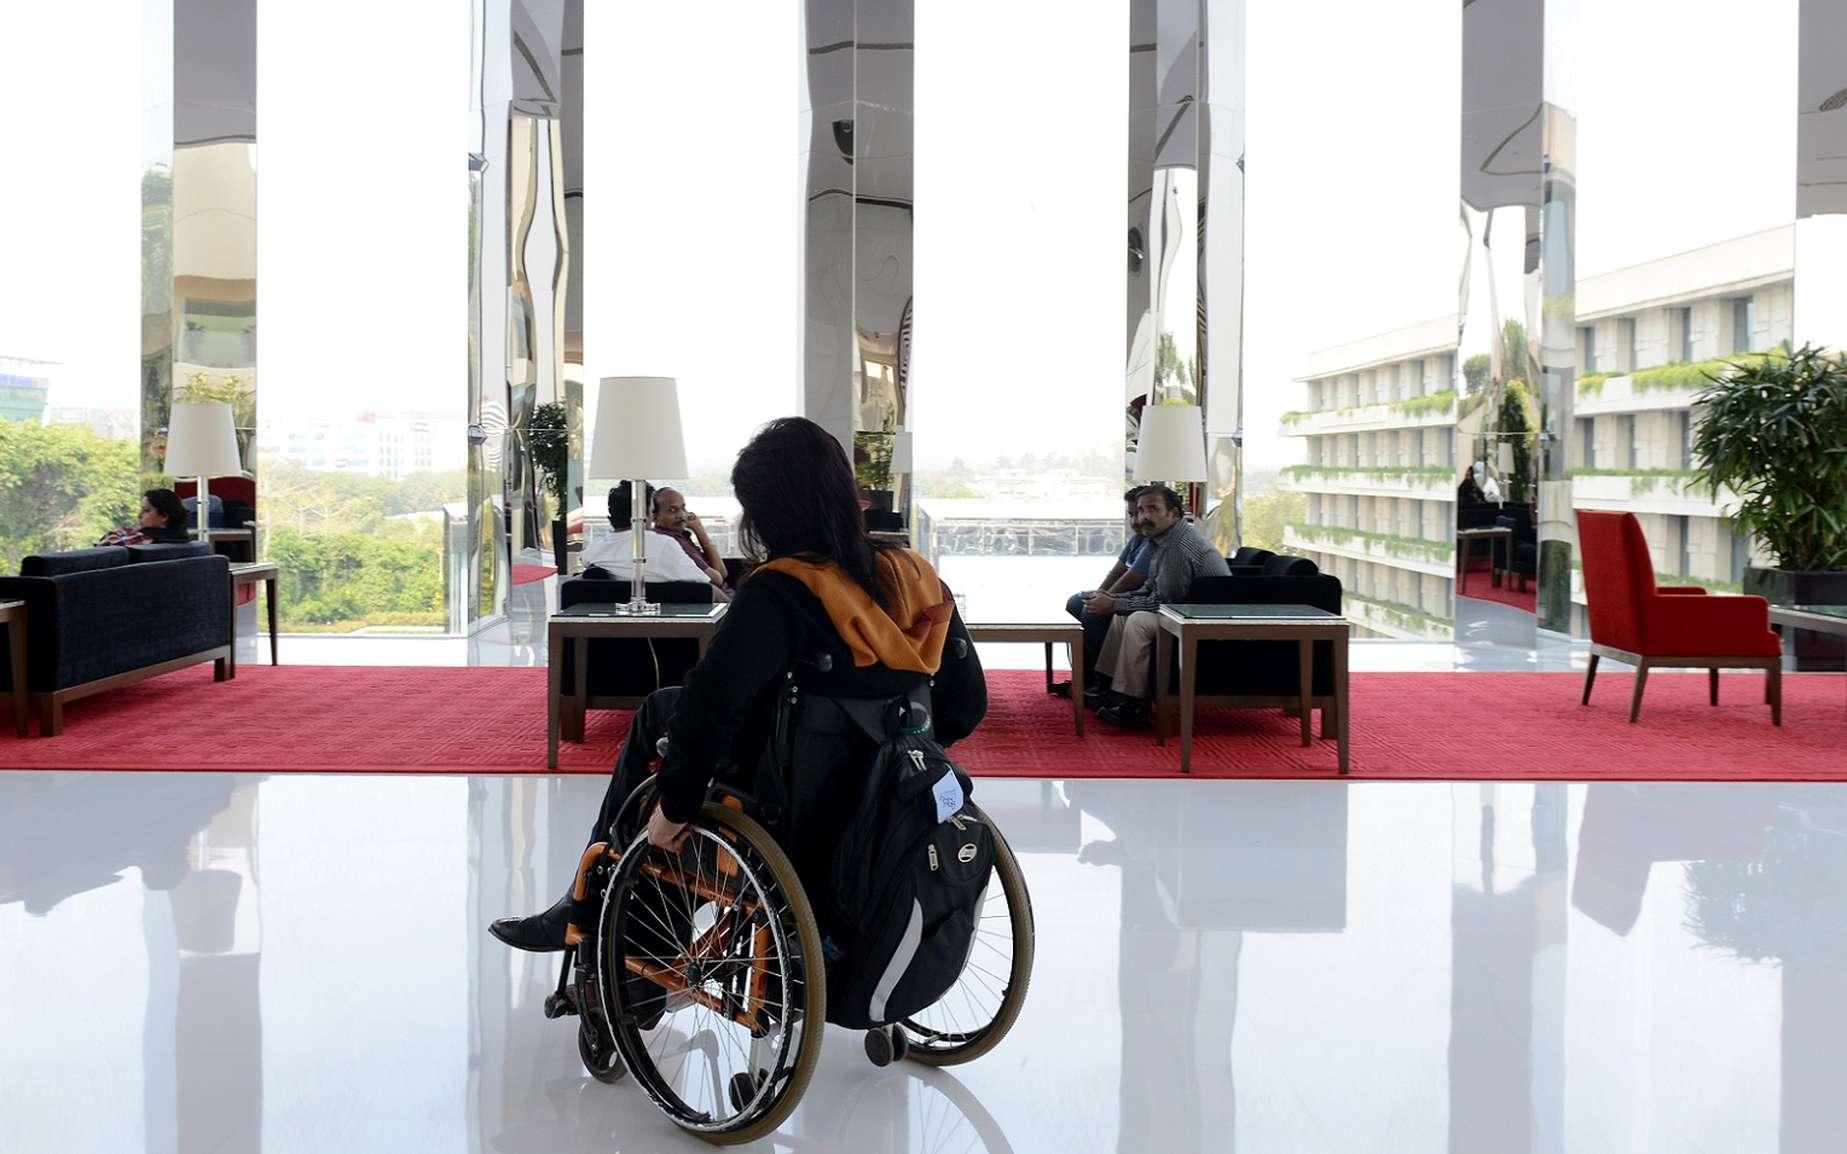 Cette méthode pourrait bénéficier à des patients souffrant d'autres pathologies, dues à un AVC ou à une maladie dégénérative. © Chandan Khanna, AFP